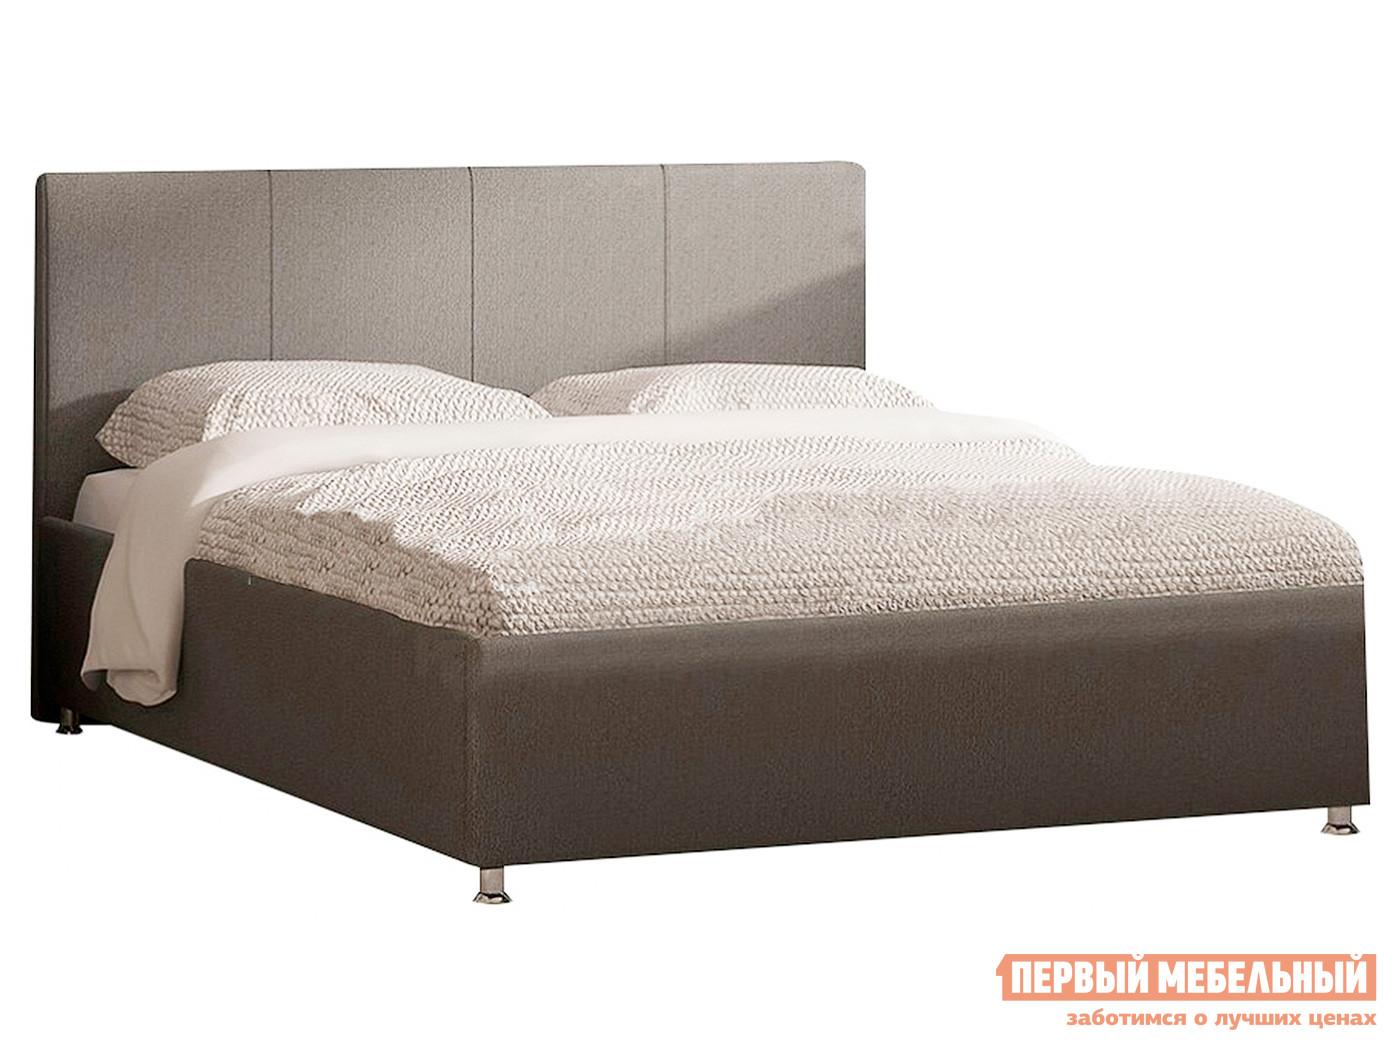 Двуспальная кровать Первый Мебельный Кровать Прато с ортопедическим основанием